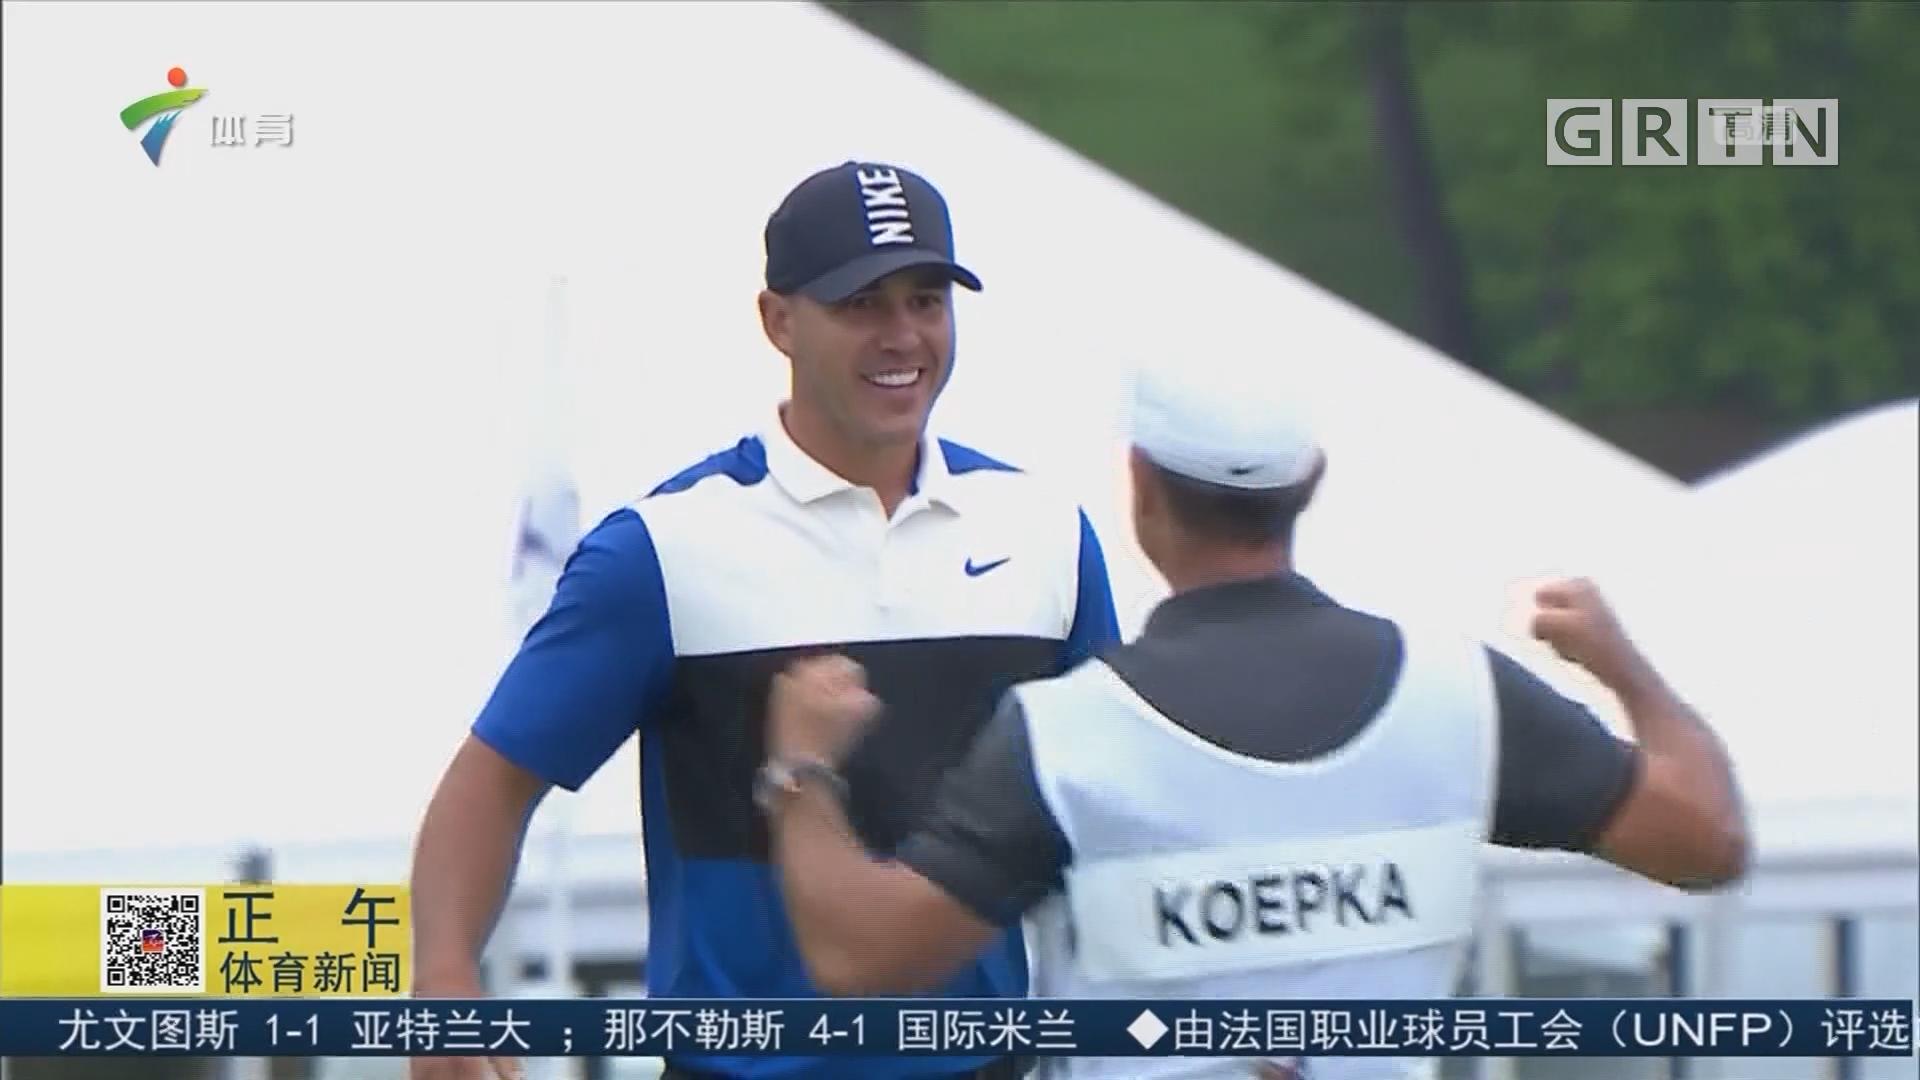 科普卡卫冕PGA锦标赛 成功登顶世界第一